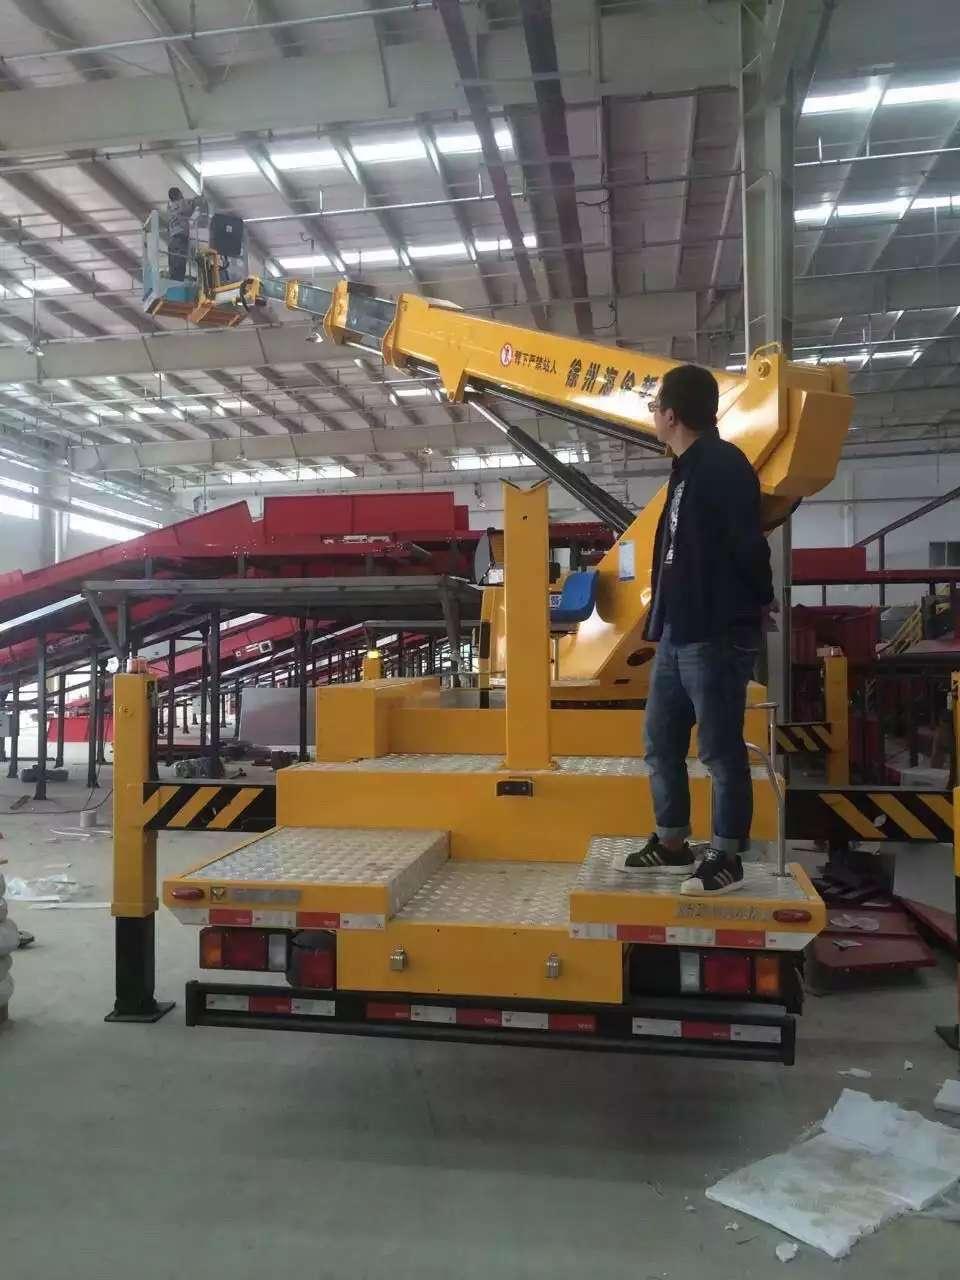 徐州开发区供应16米路灯车蜜桃网